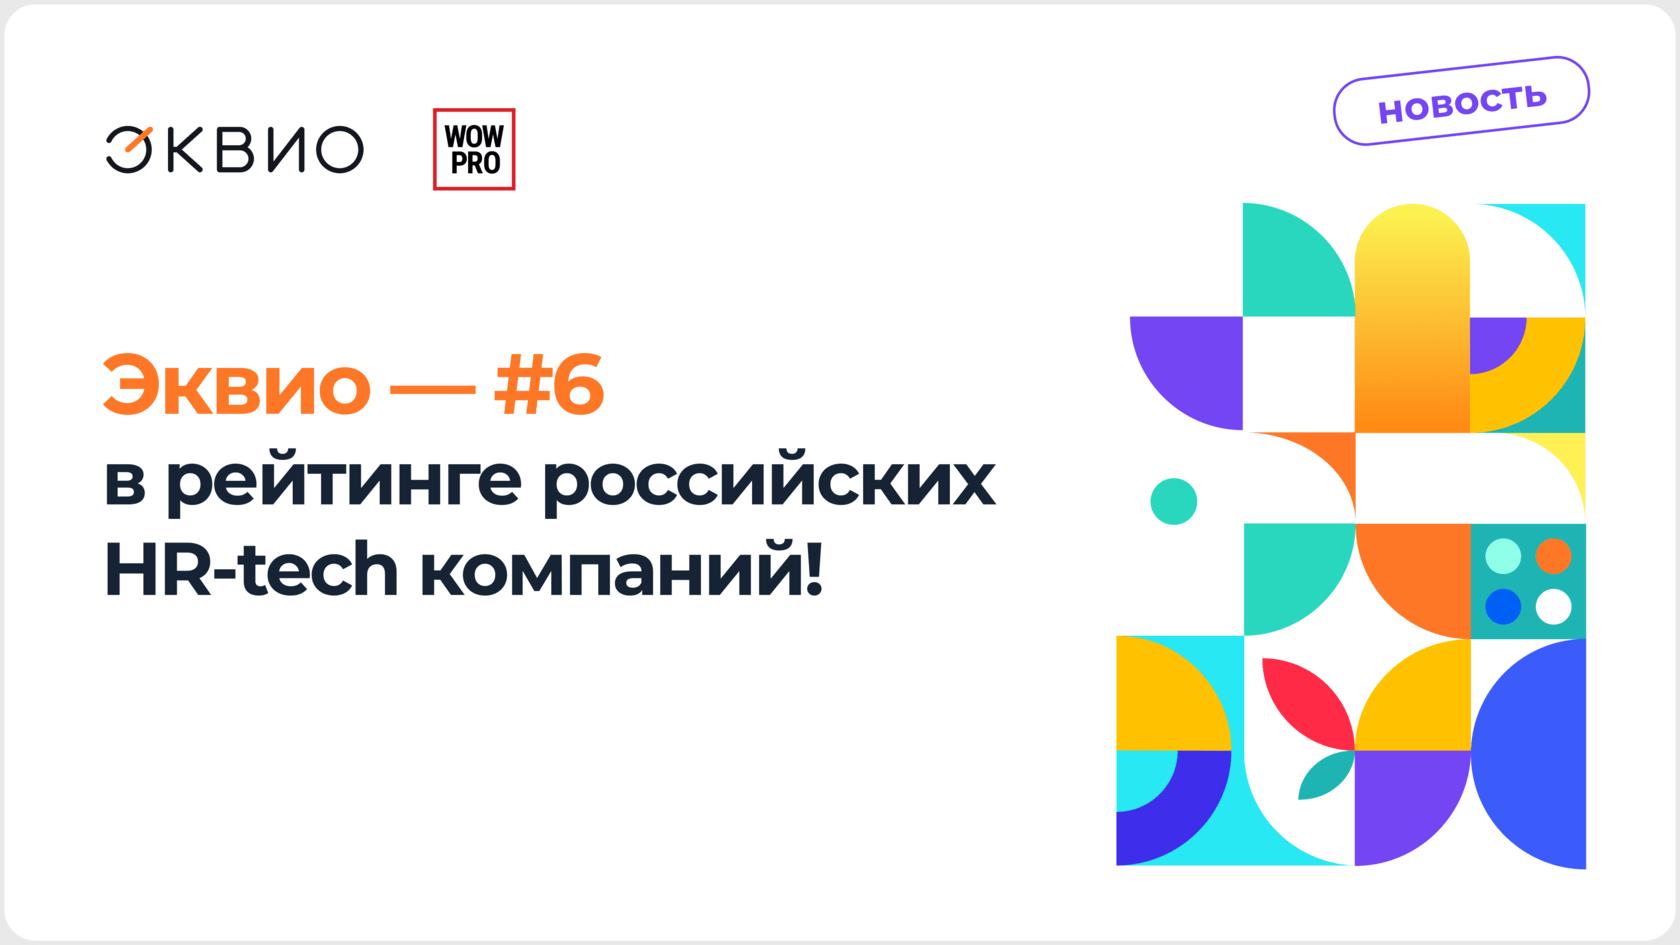 Эквио заняла 6 место в рейтинге российских HR-tech компаний